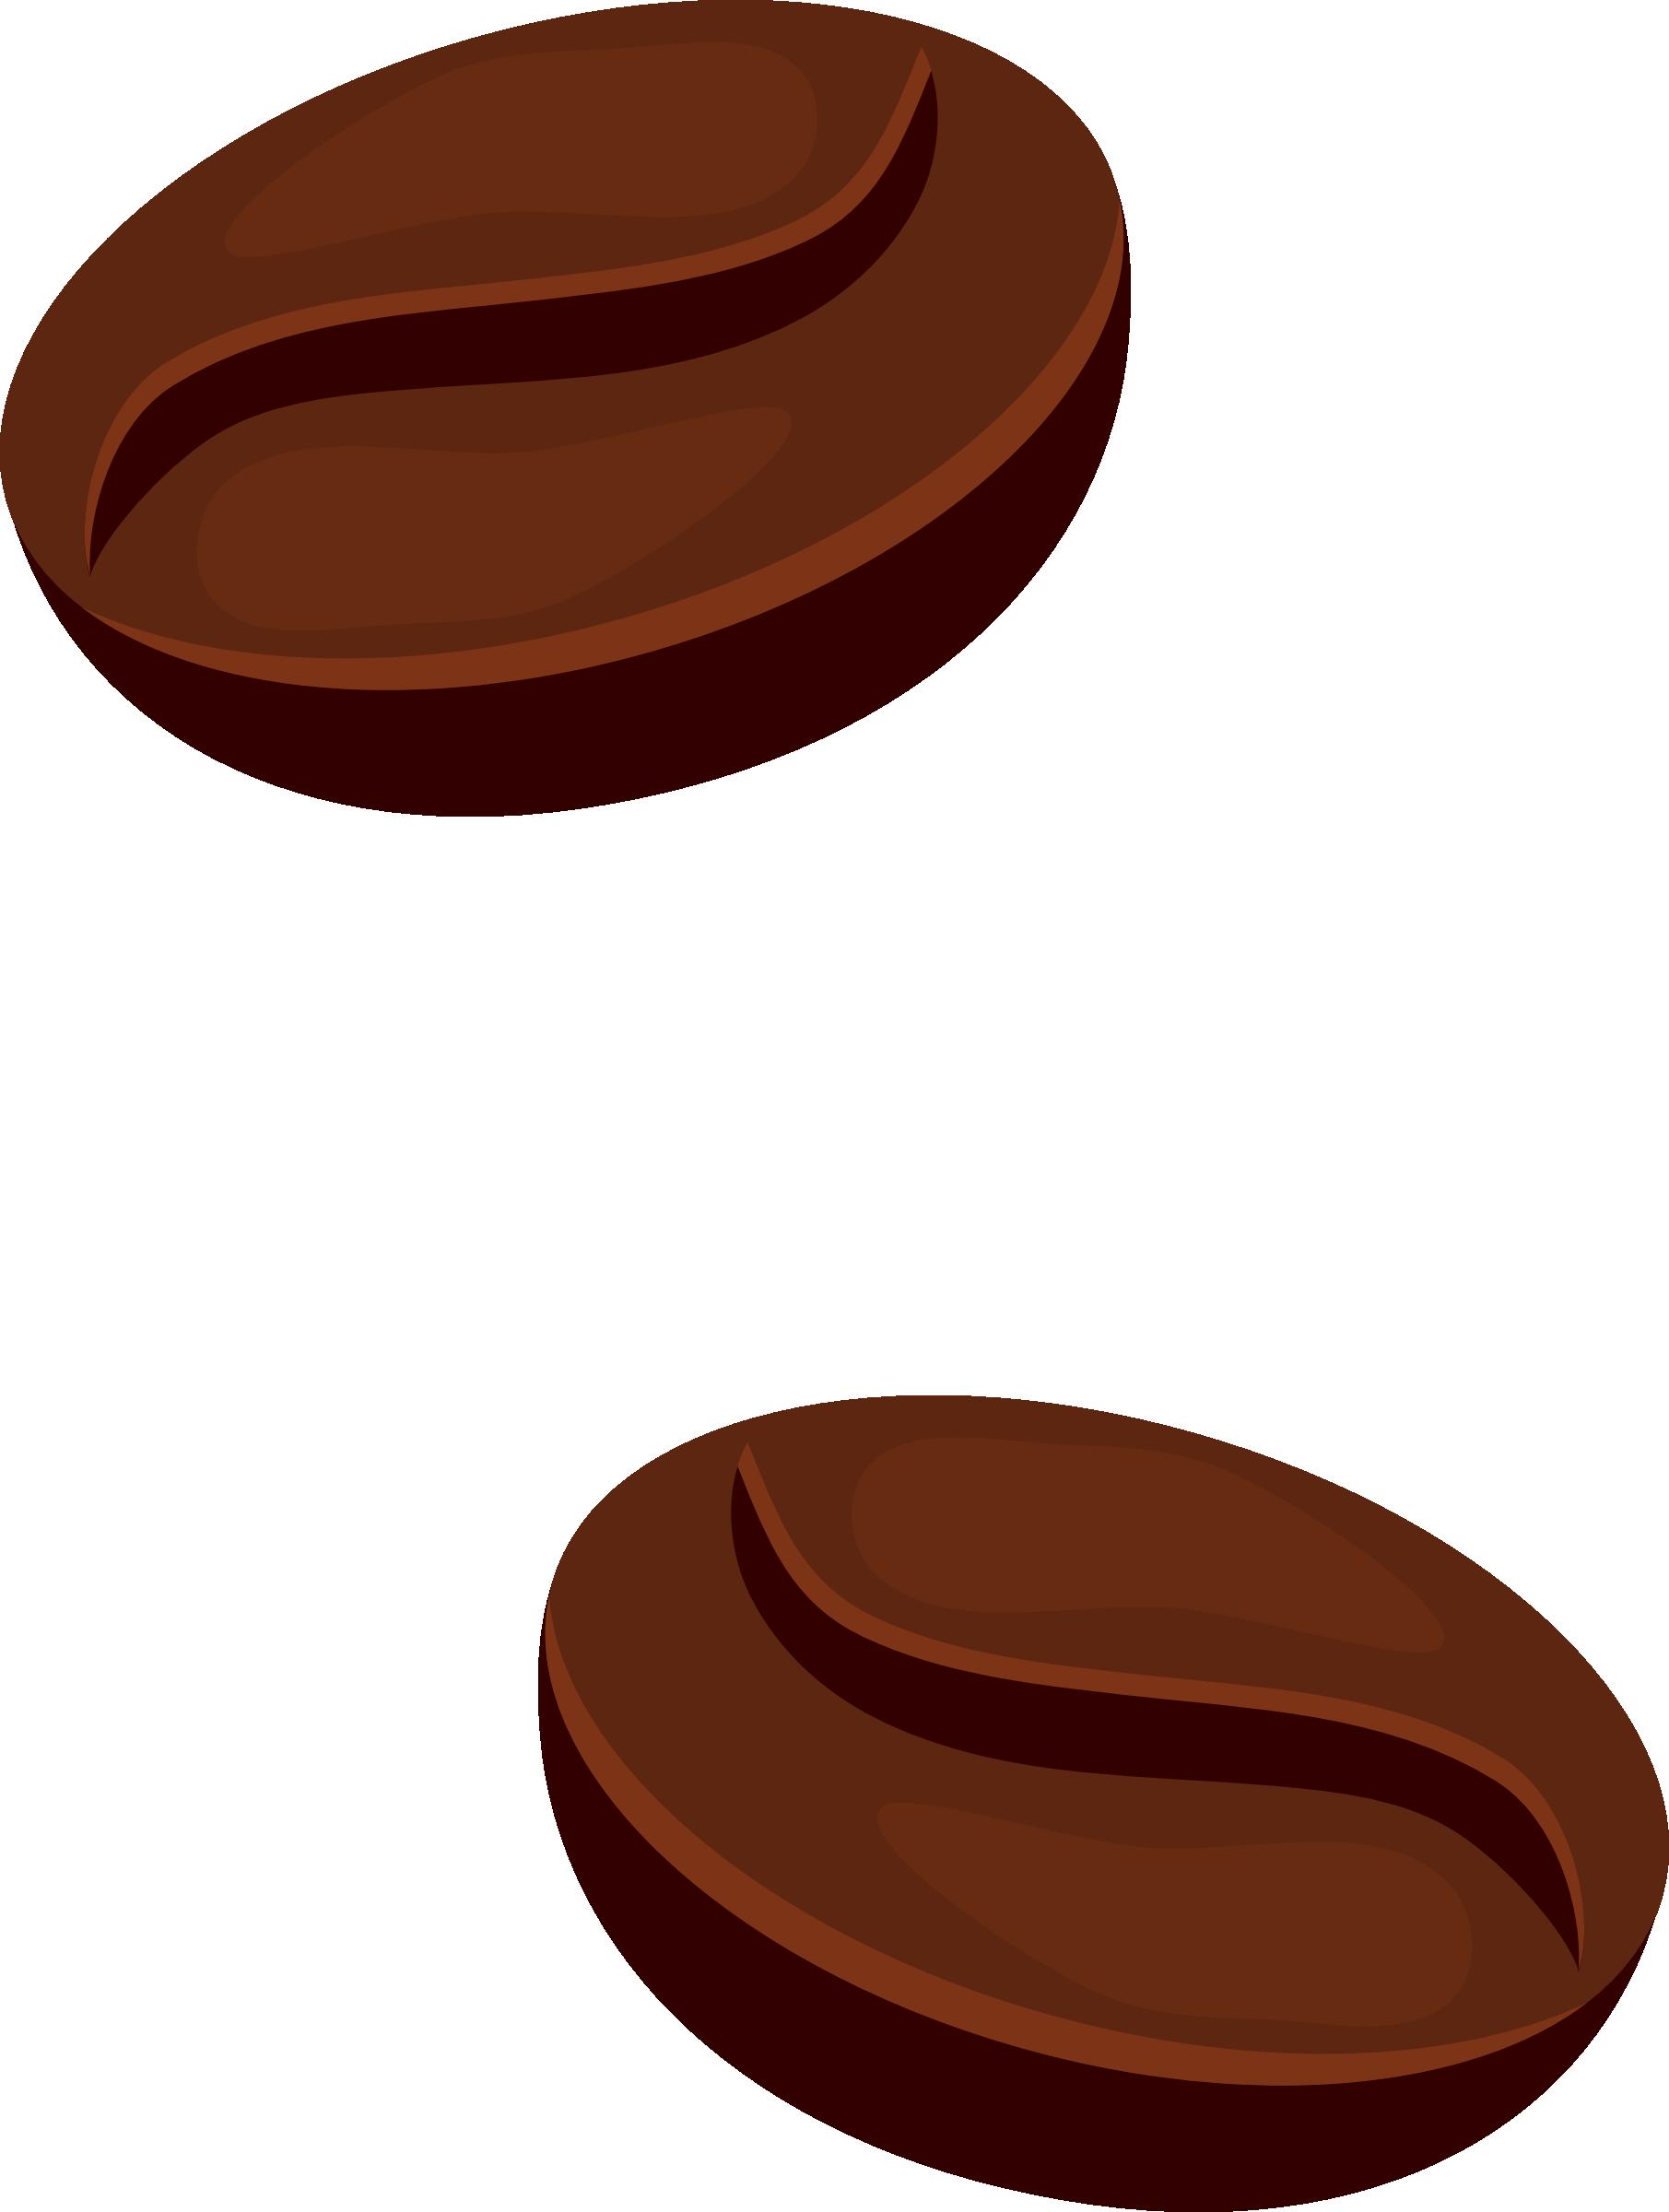 Bean clipart cofee Clipart Panda Clipart coffee%20beans%20clipart Free